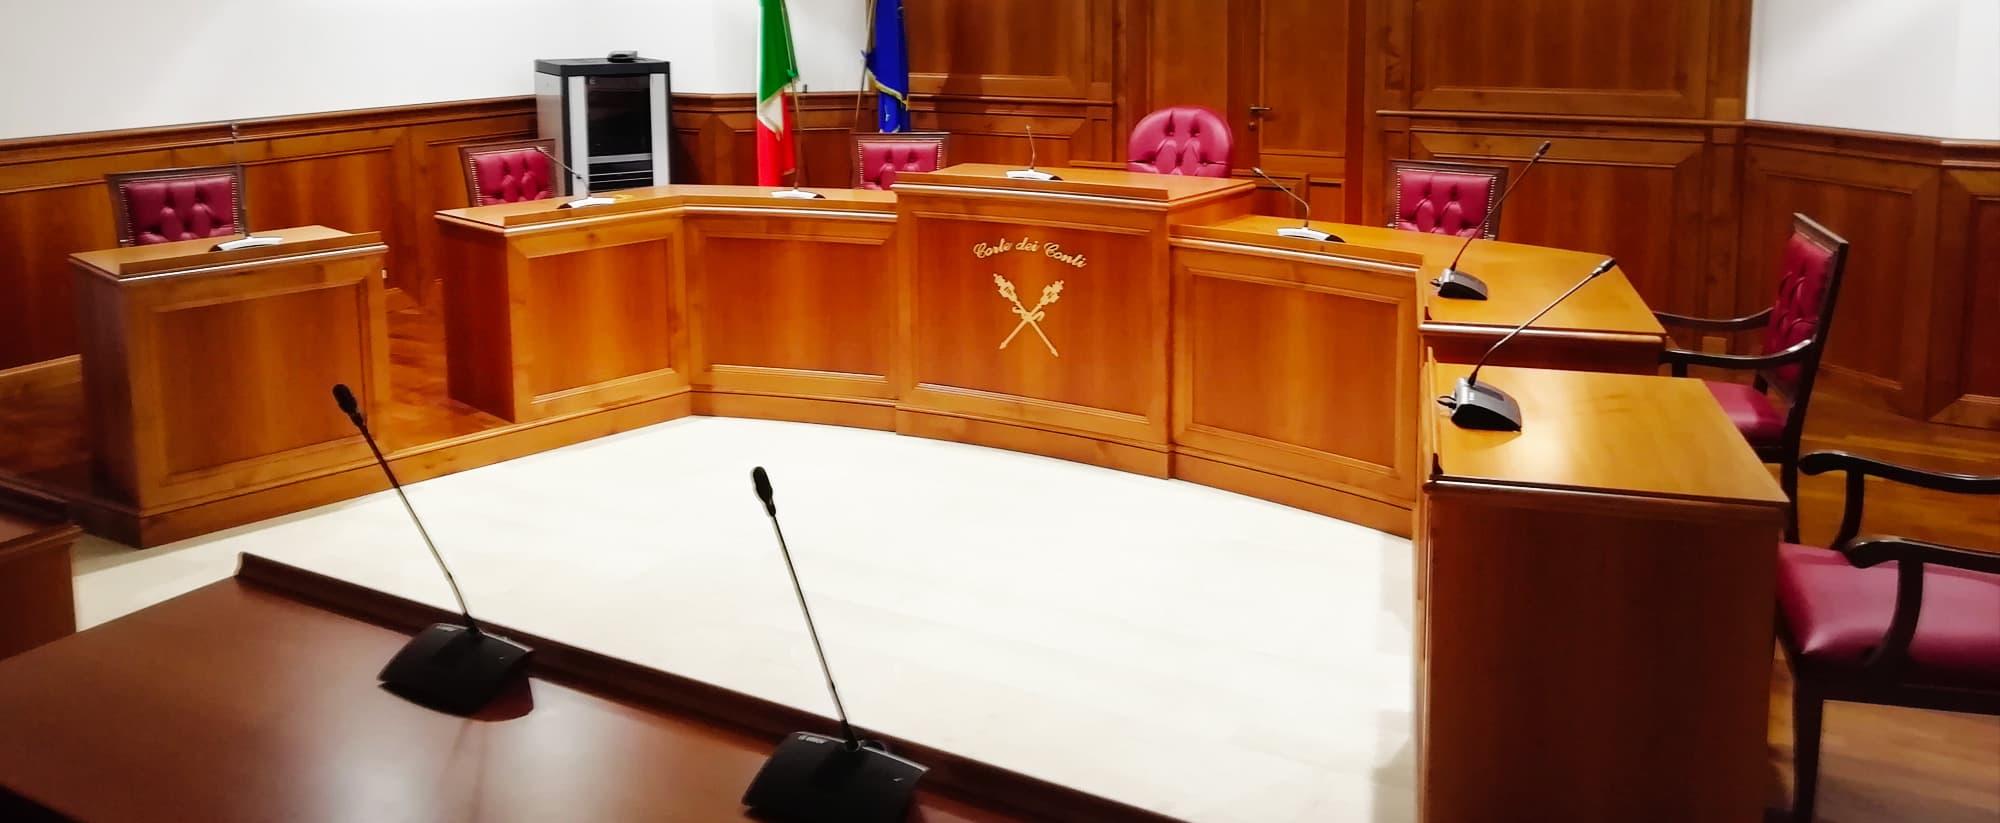 prima sezione corte dei conti centrale in appello articolo 54 respinta la richiesta di sospensiva da parte di inps